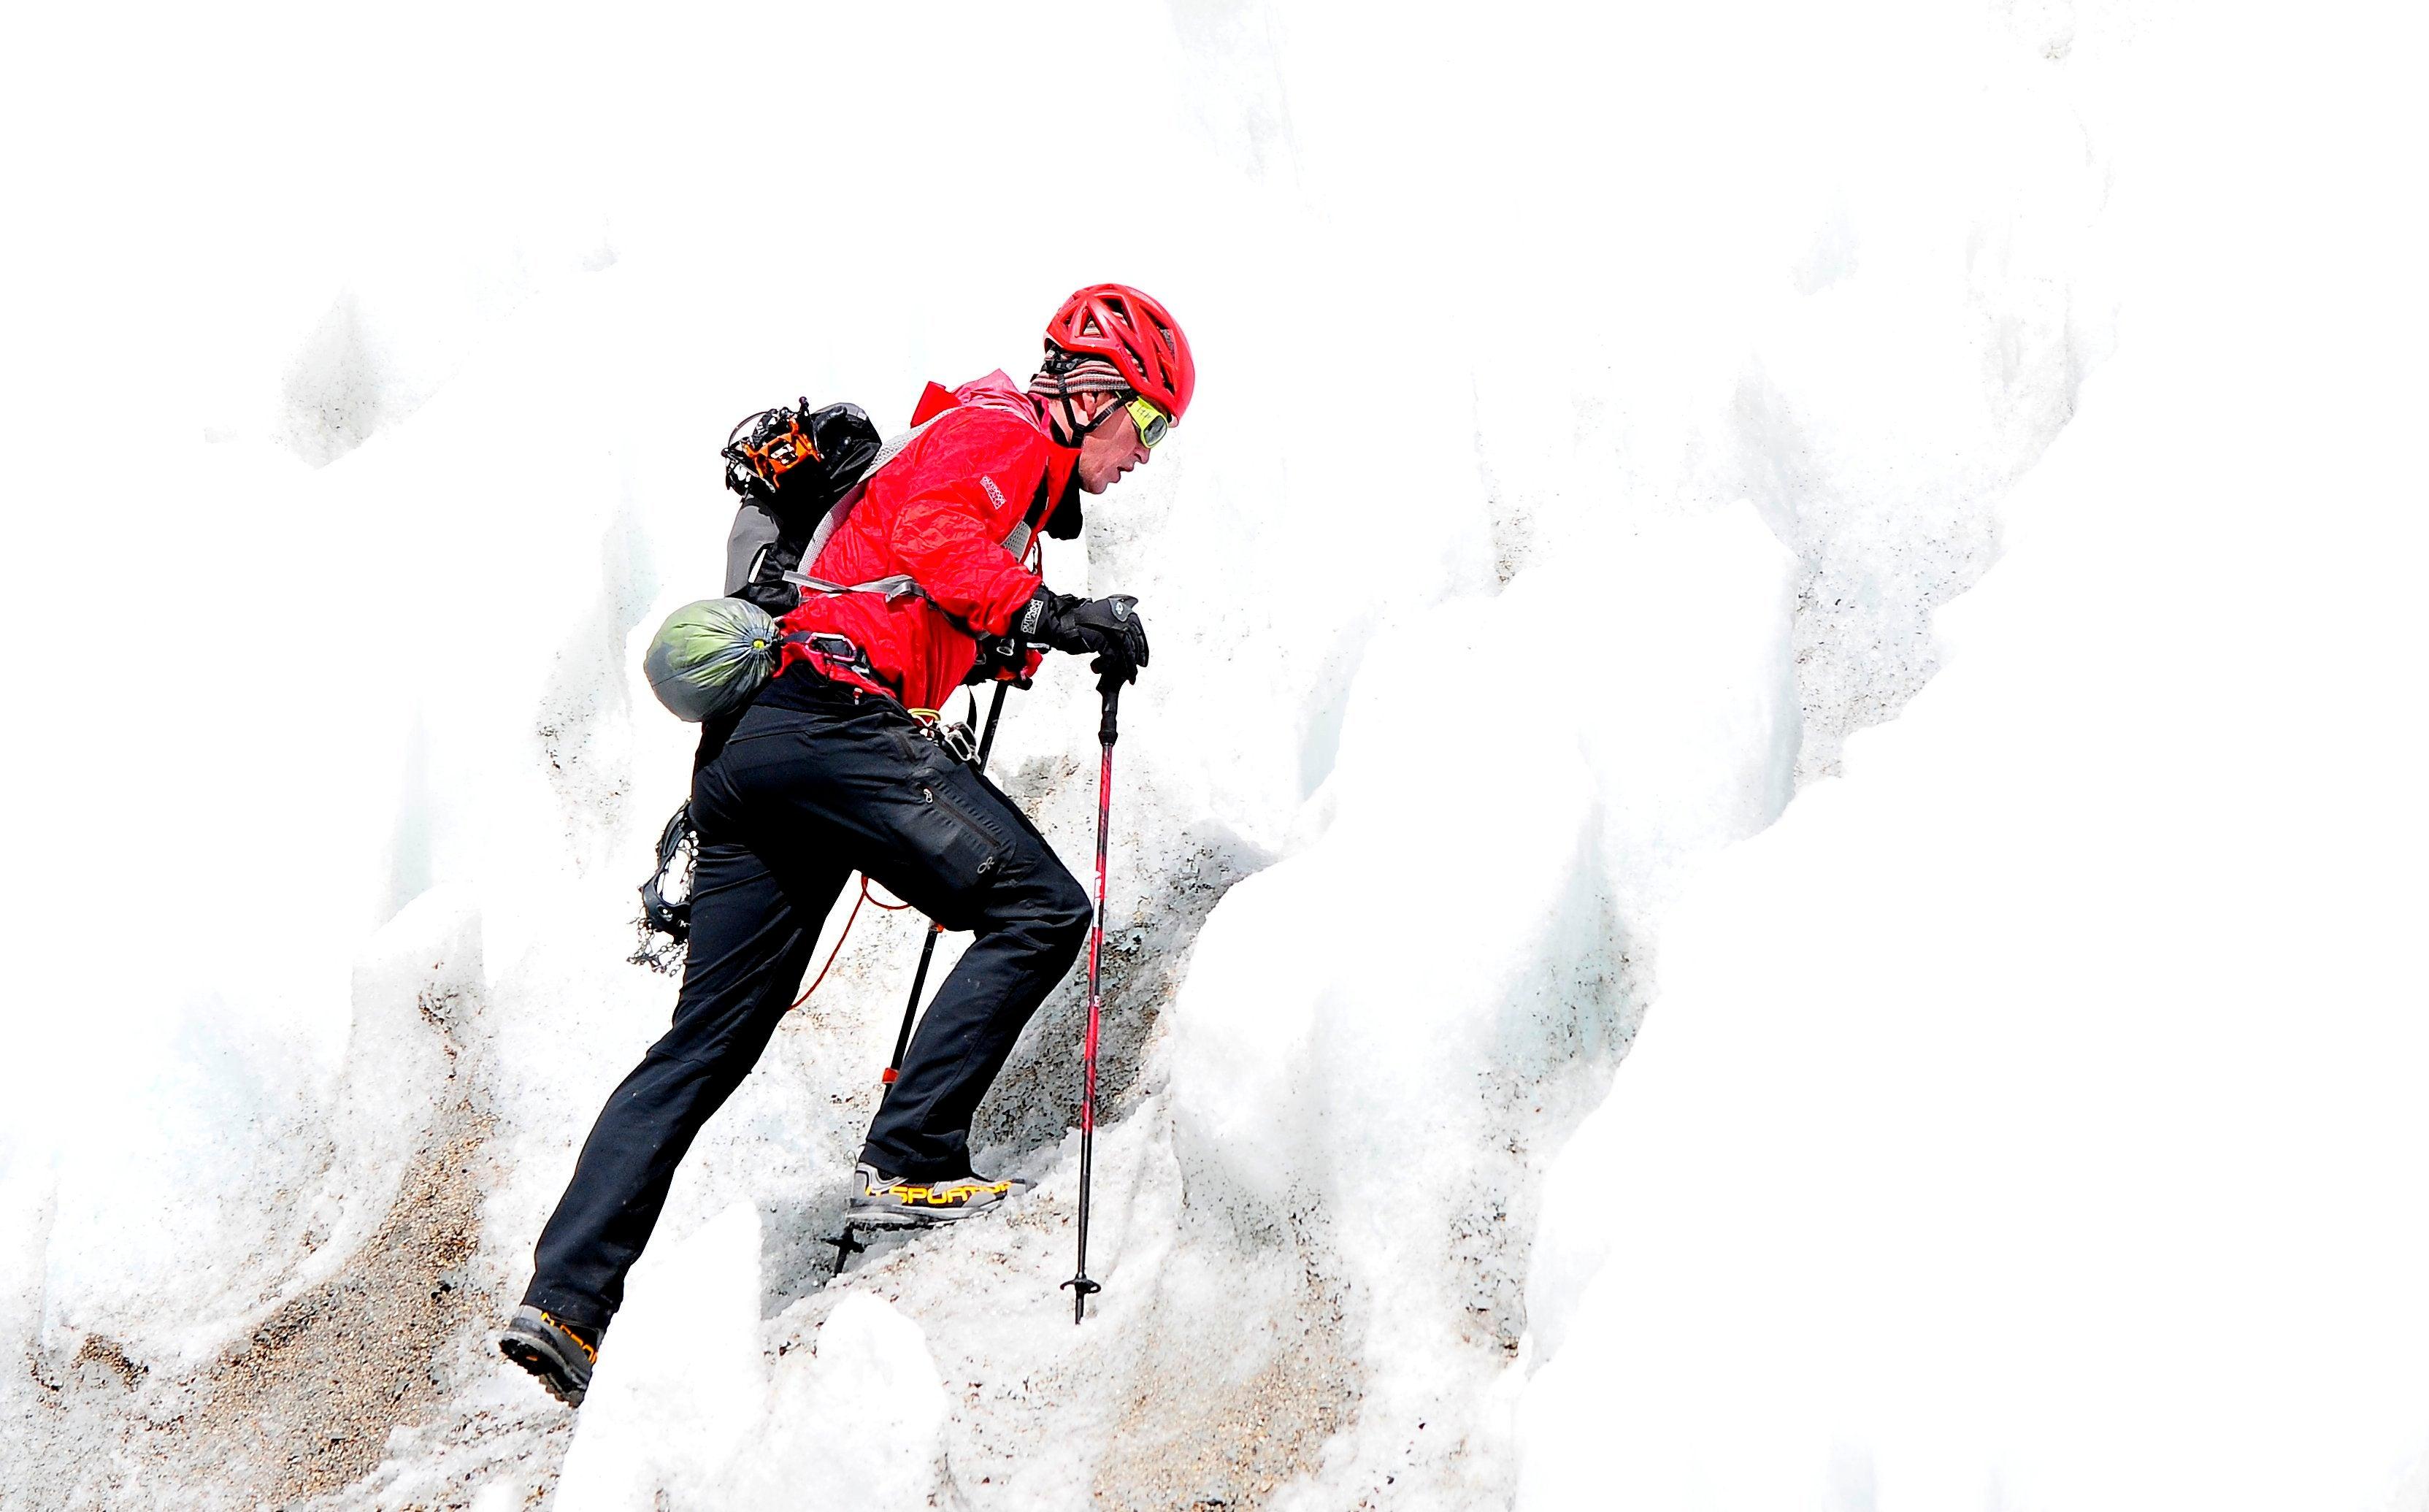 Chad Kellogg: A Bittersweet Everest Climb